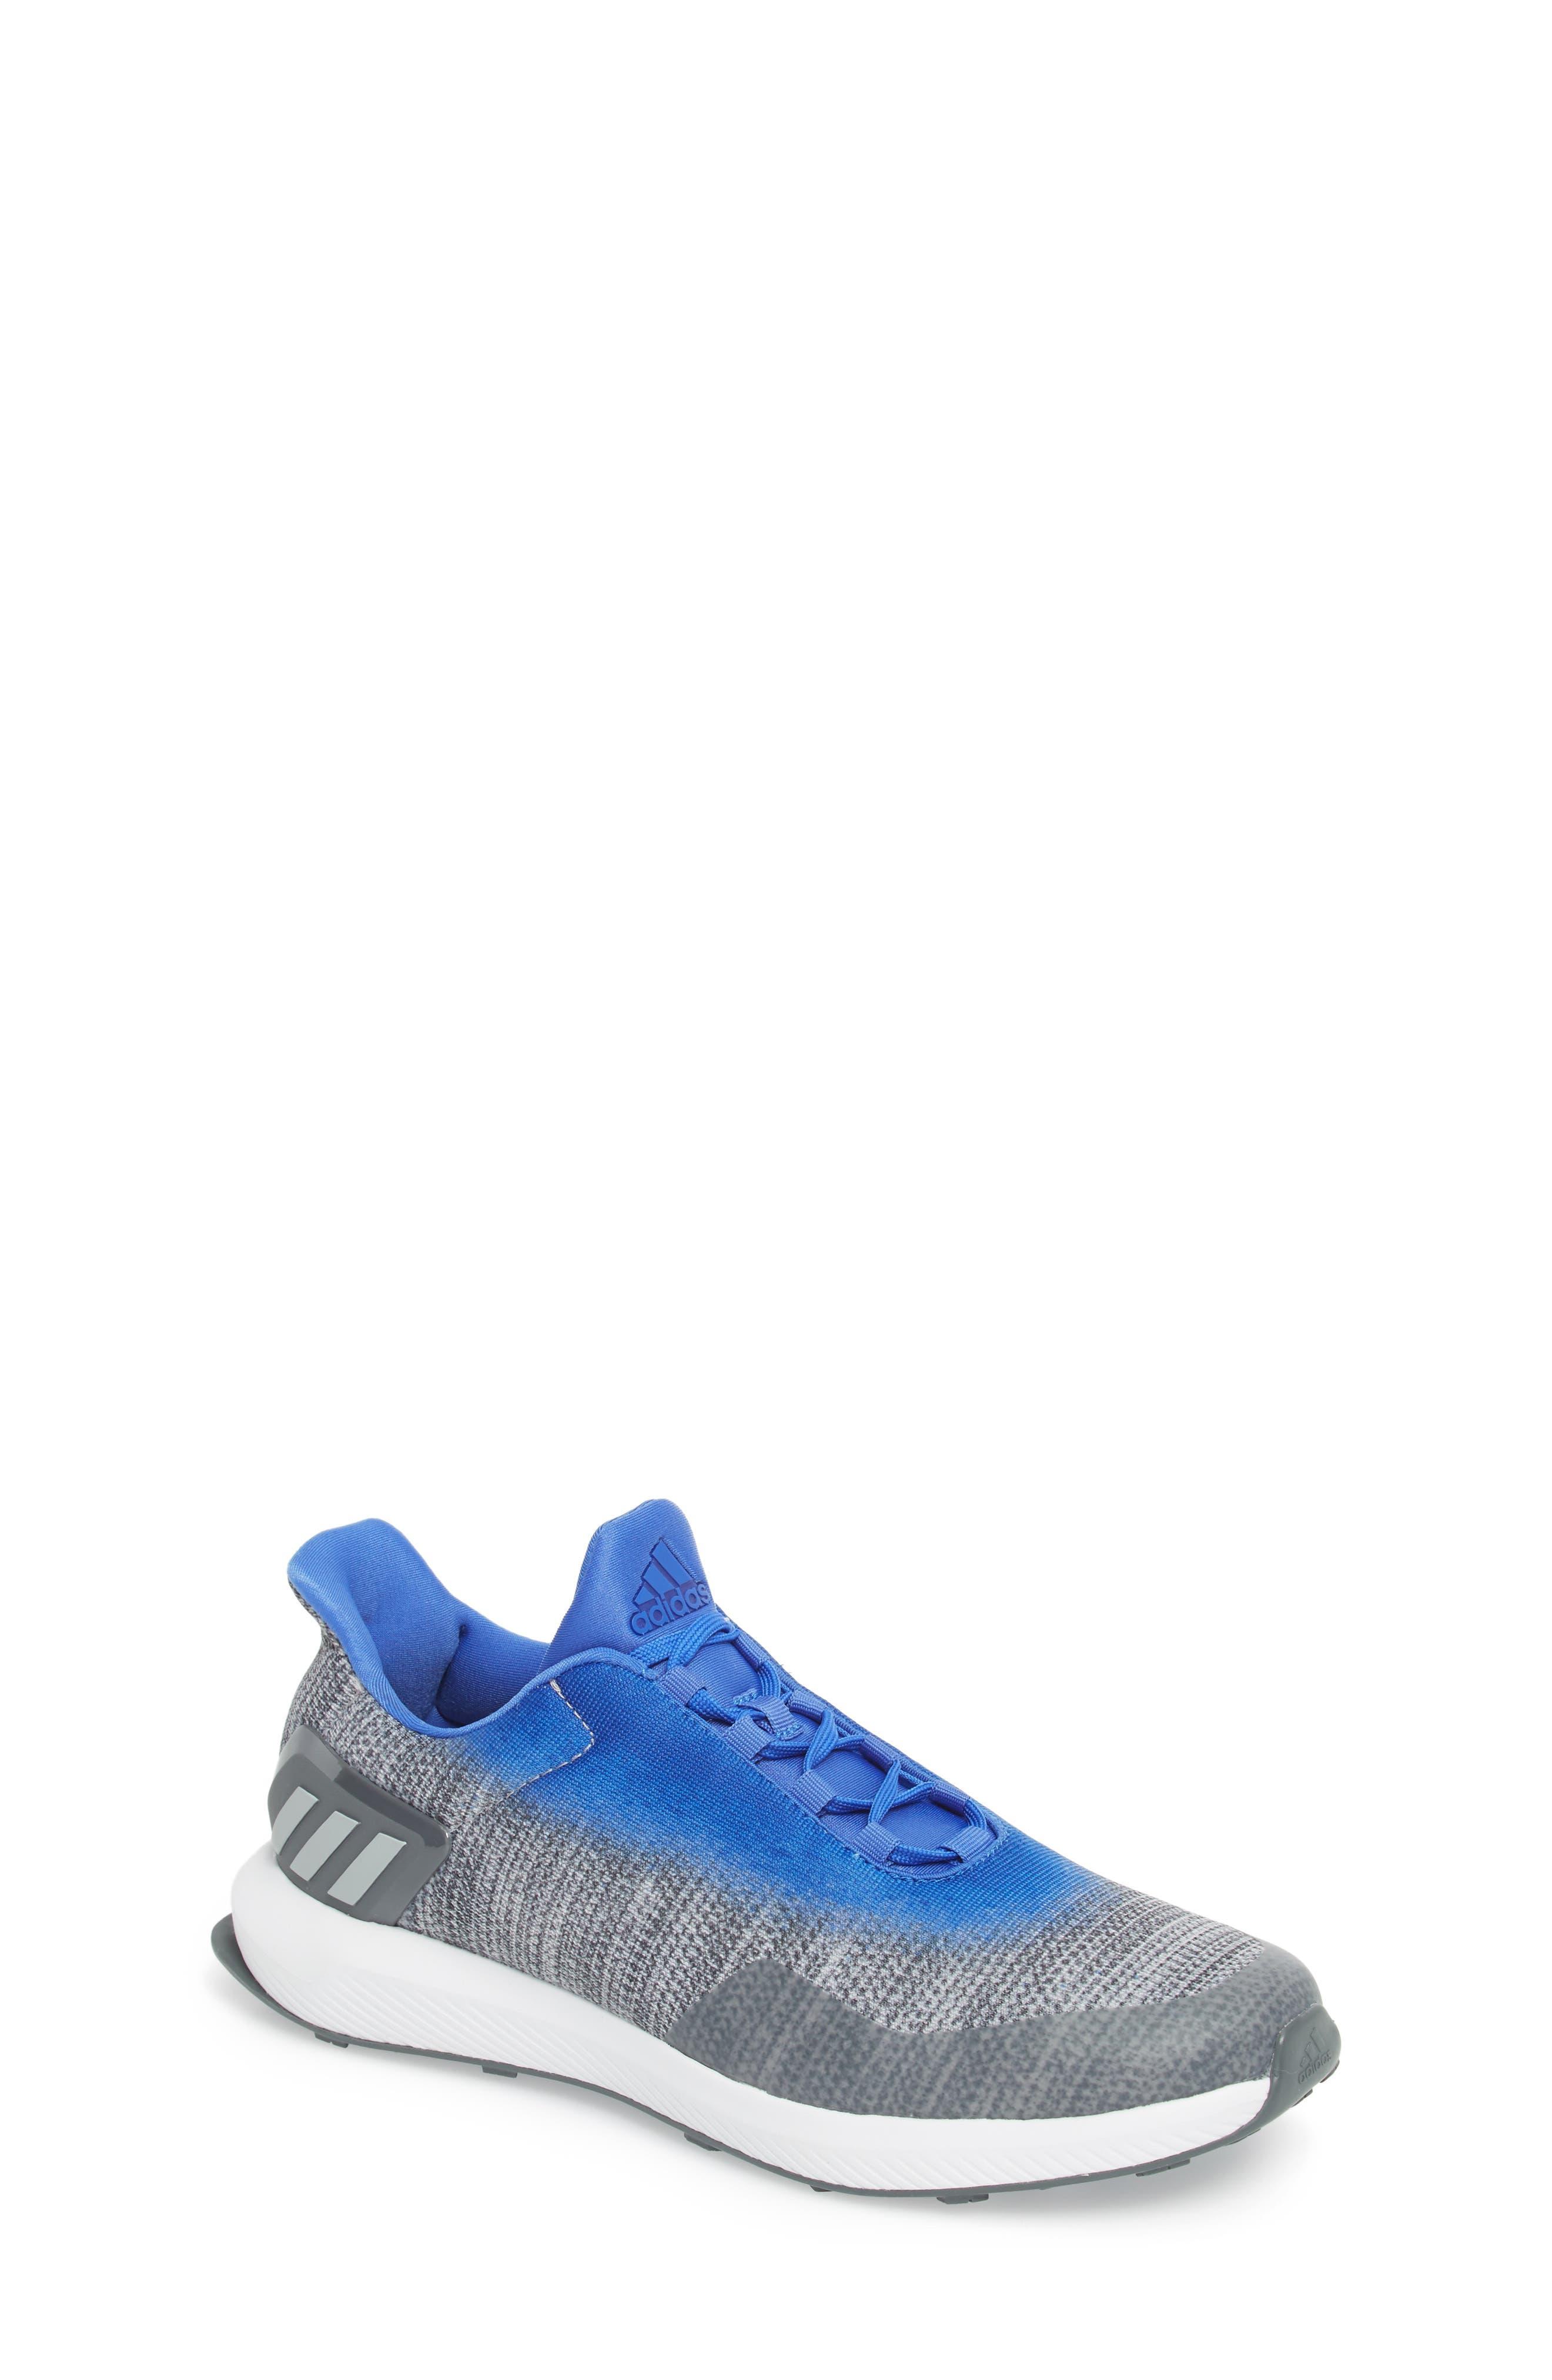 RapidaRun Uncaged Sneaker,                         Main,                         color, Grey / Grey / Blue